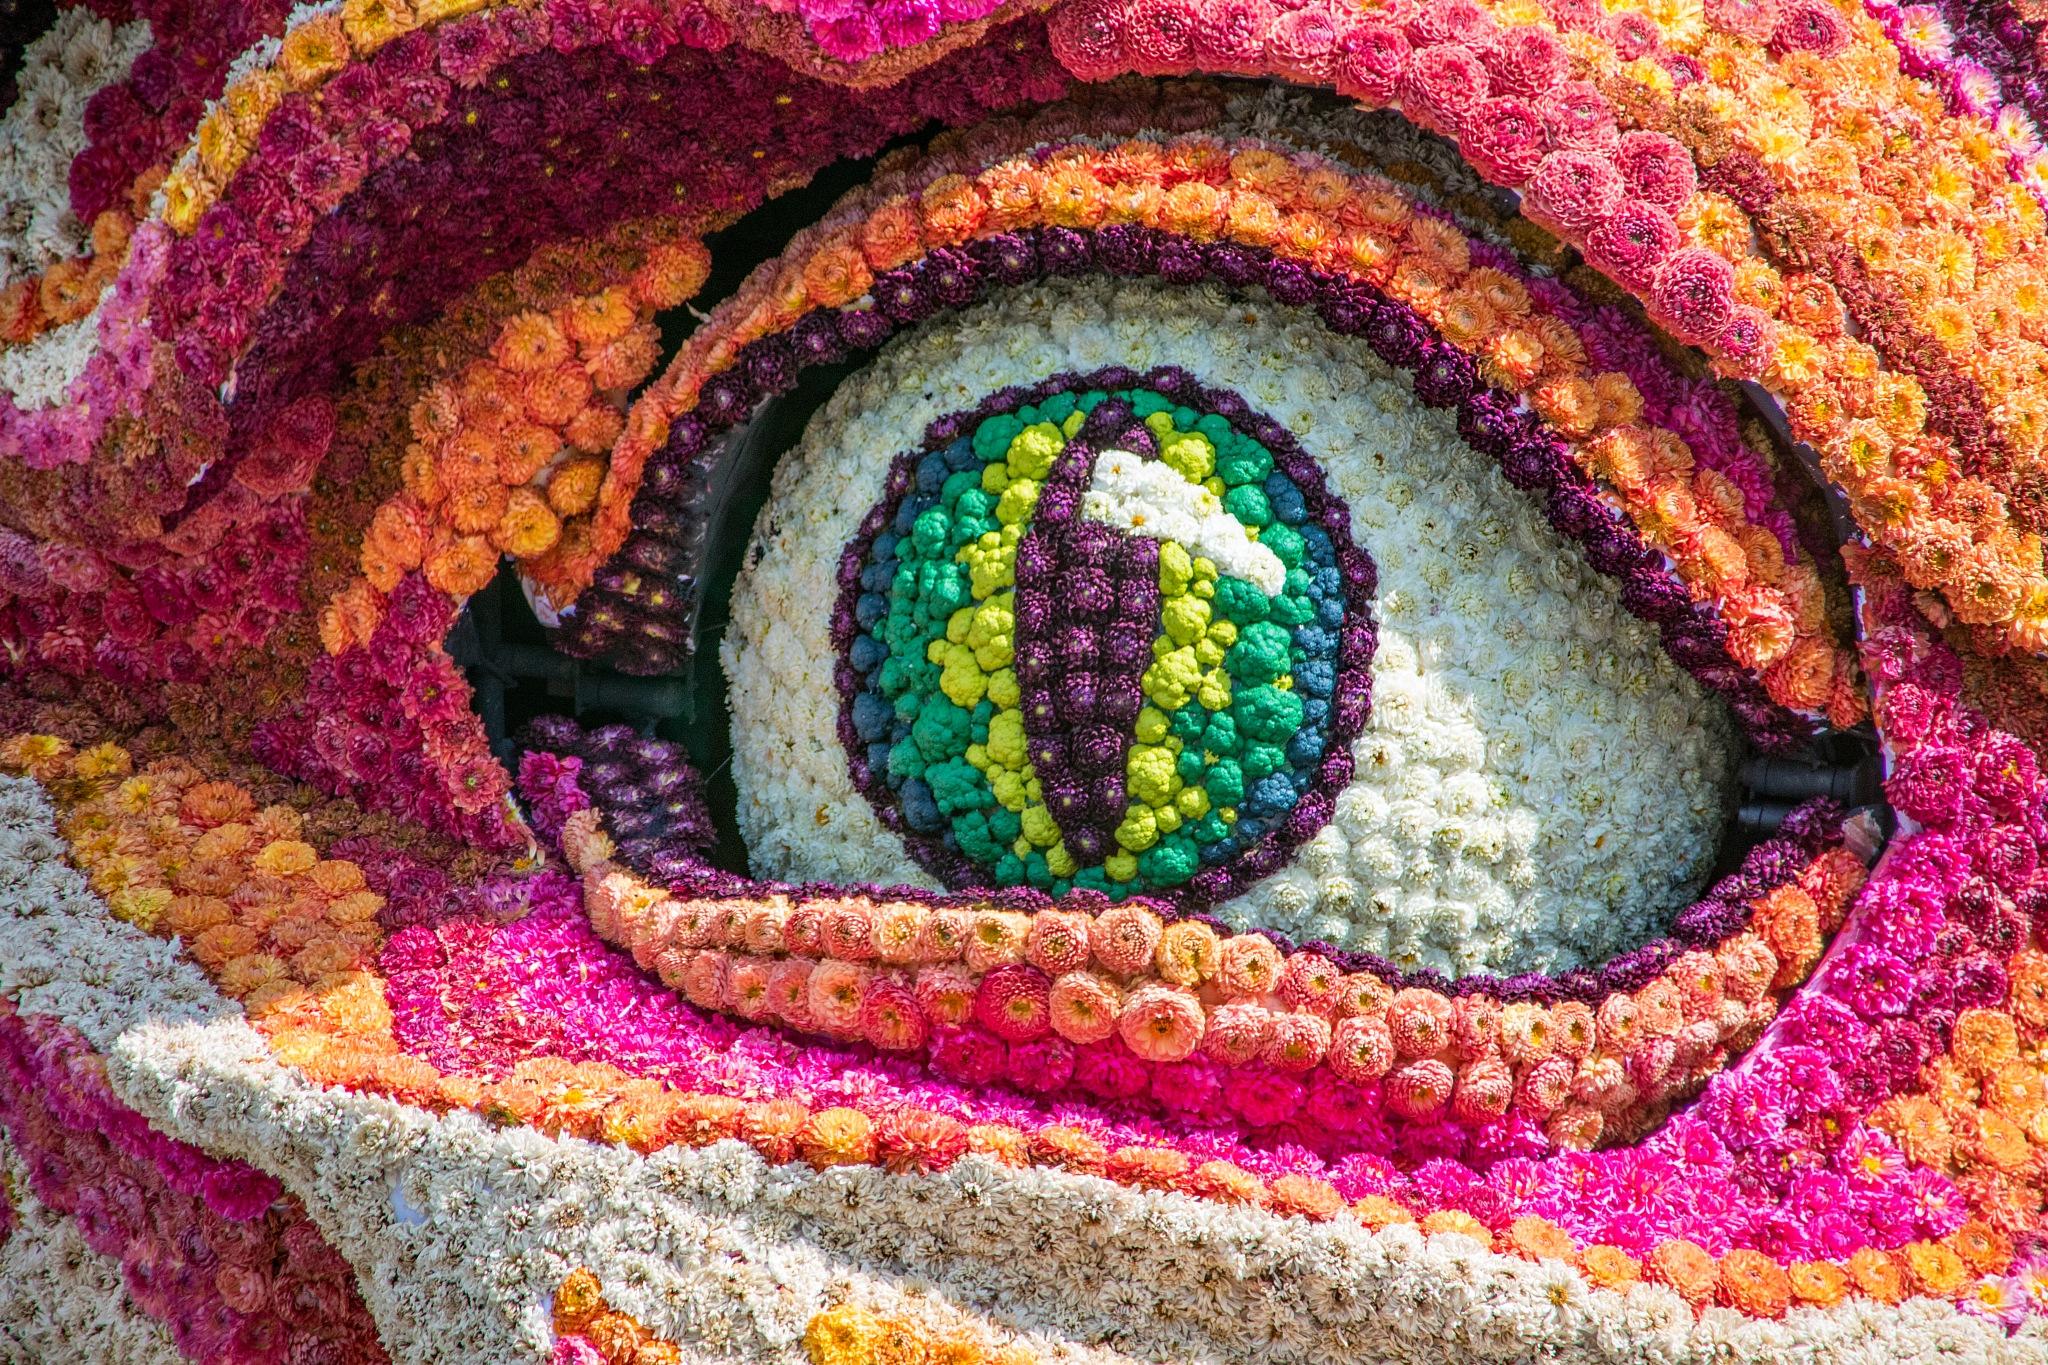 Flower Parade Zundert 2019 - ARGUS_detail by HaWaFoTo